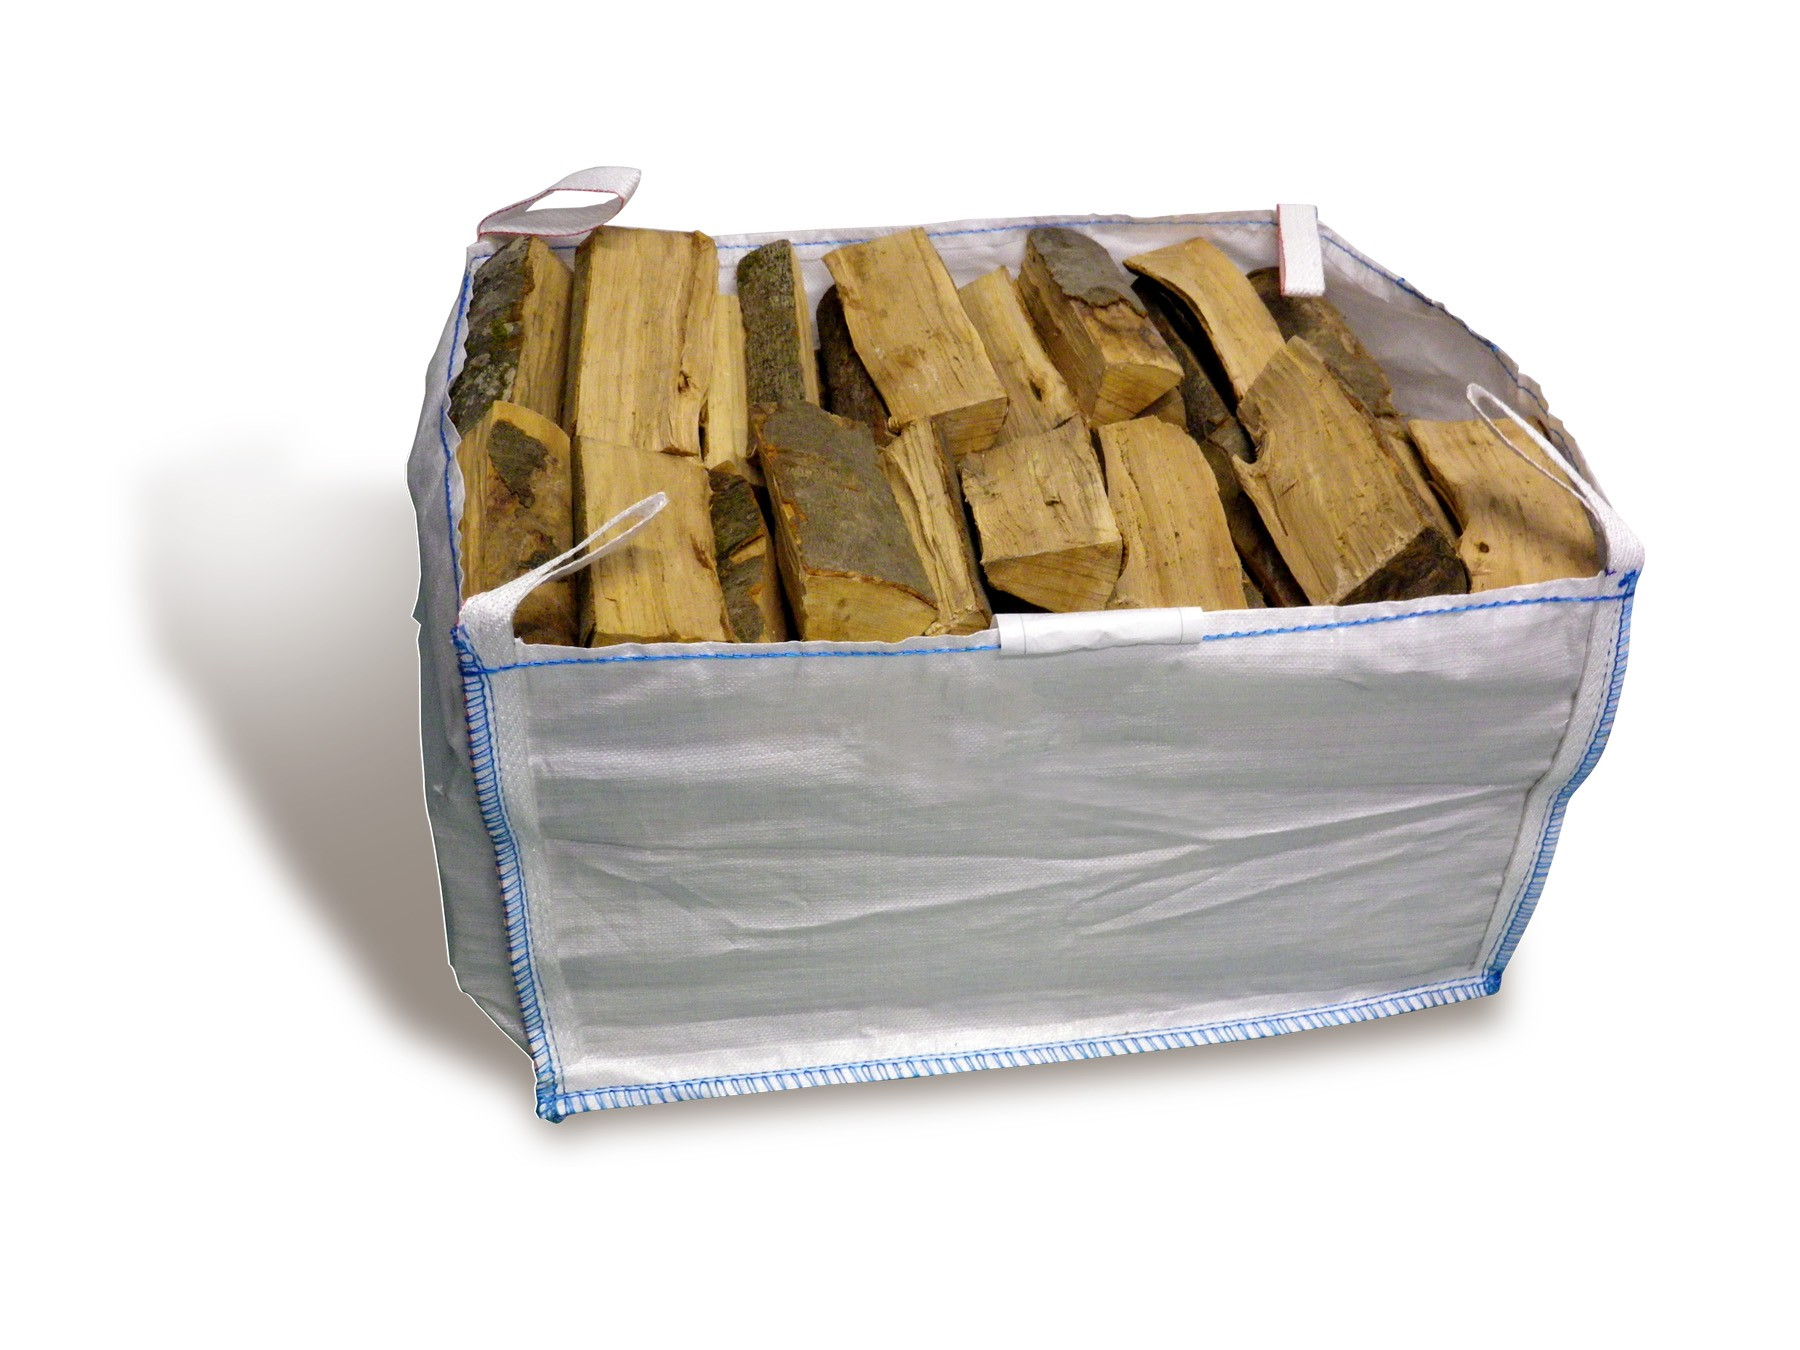 Achat vente sac de coffre pour livraison de bois de chauffage cr pito - Coffre pour bois de chauffage ...